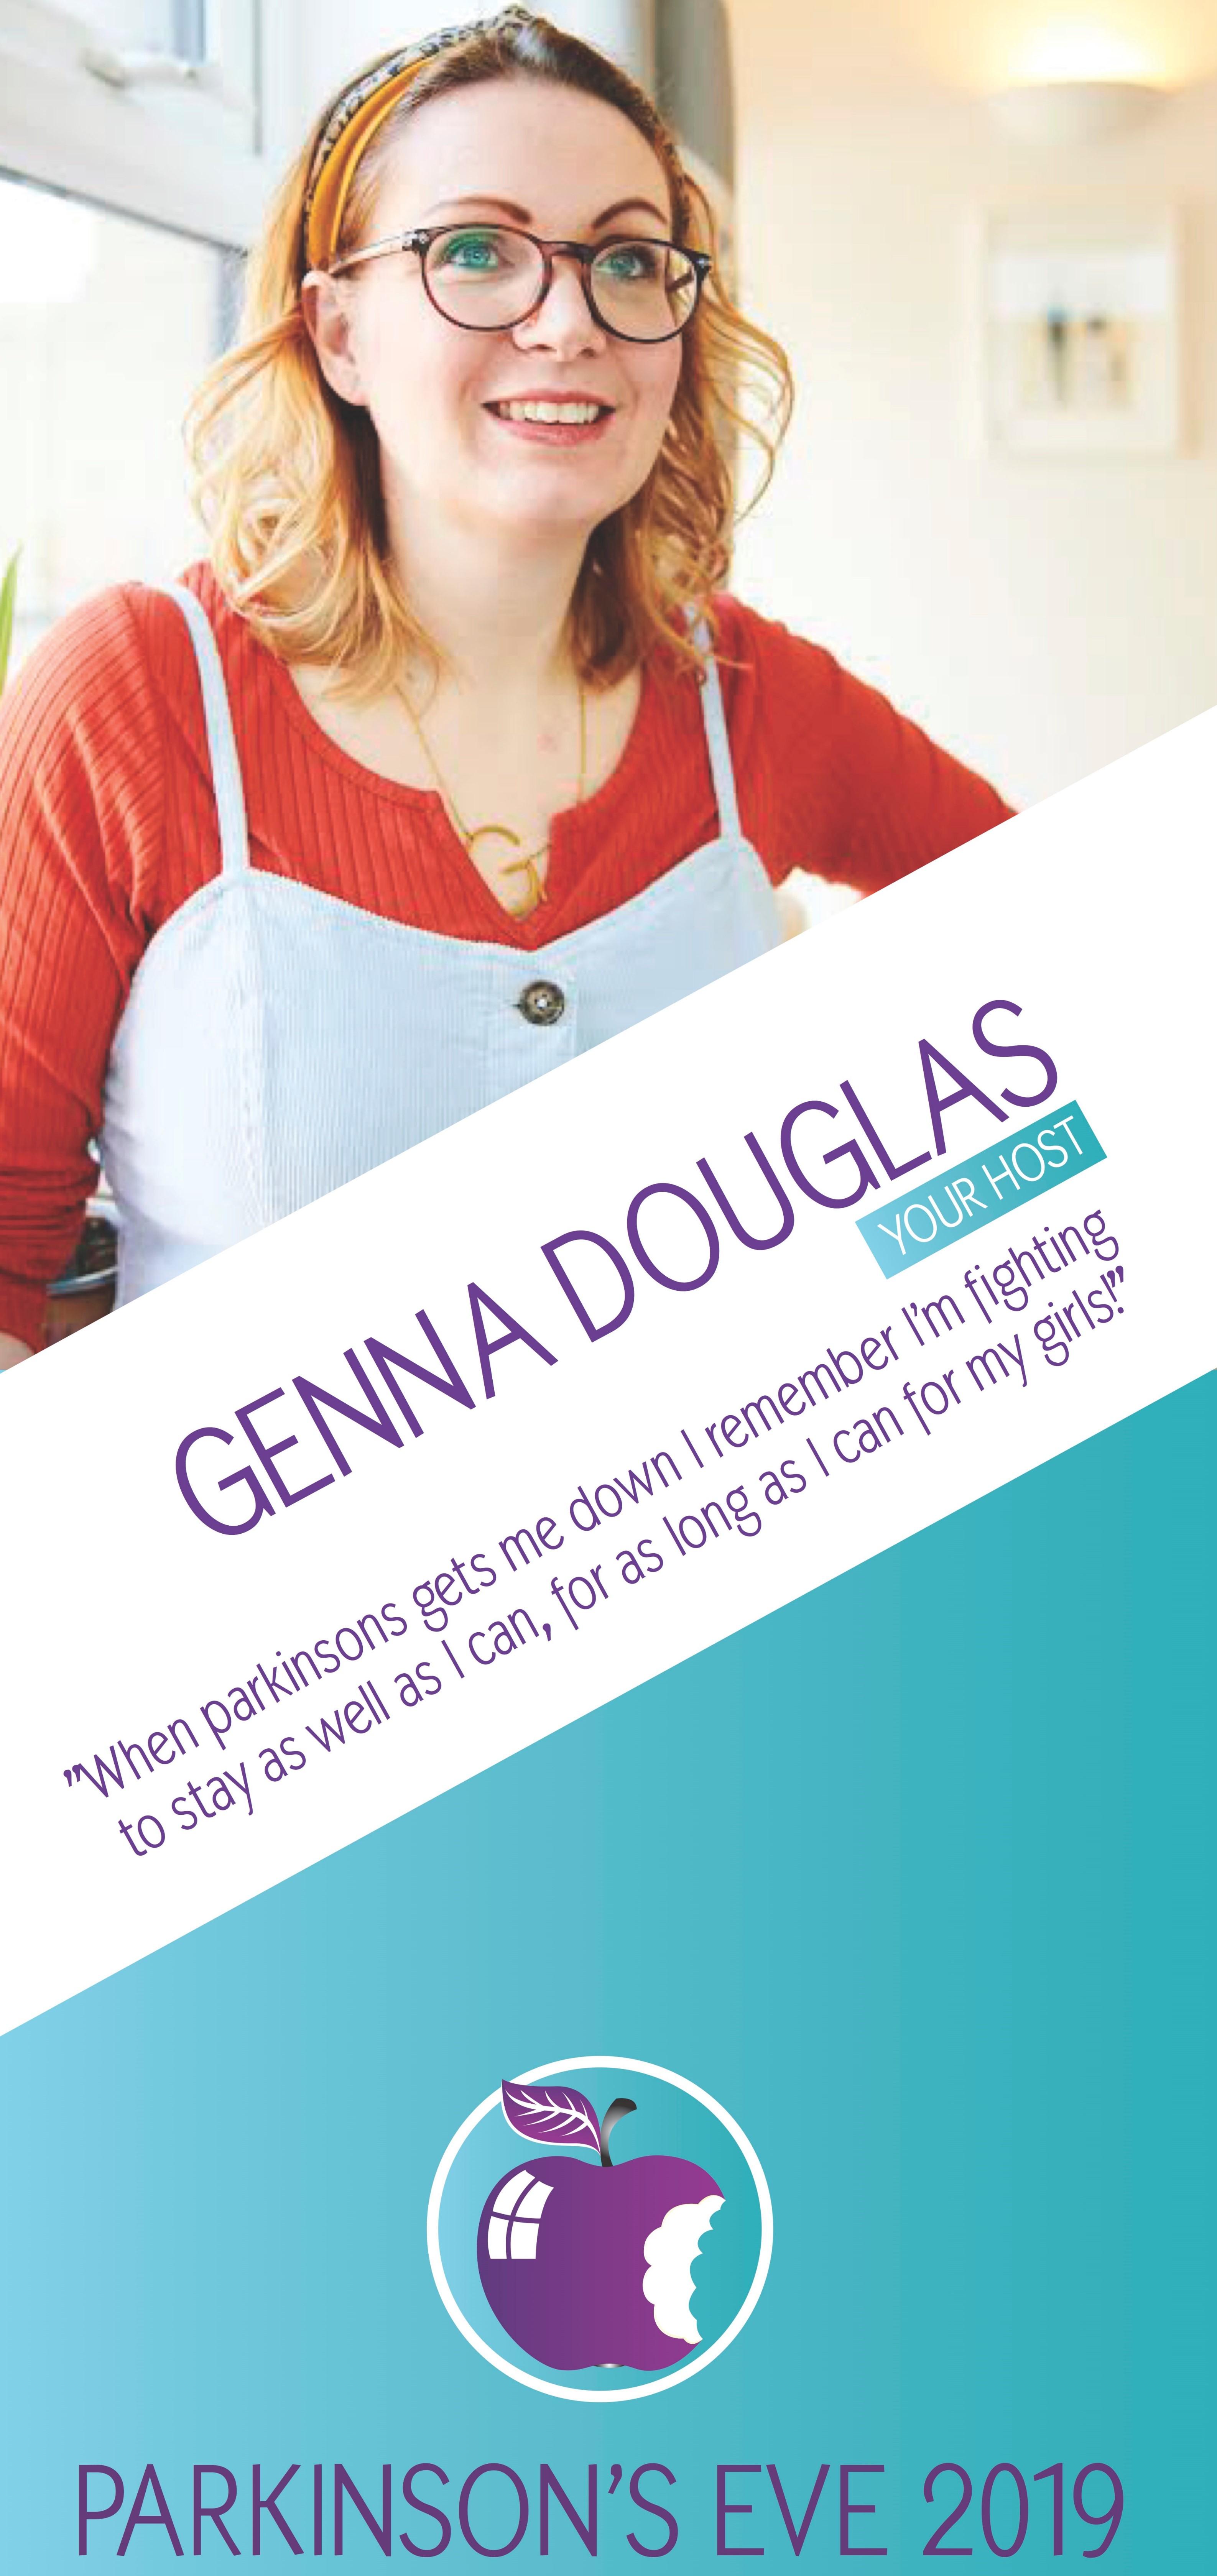 Genna-Douglas-movement-advocate-poster